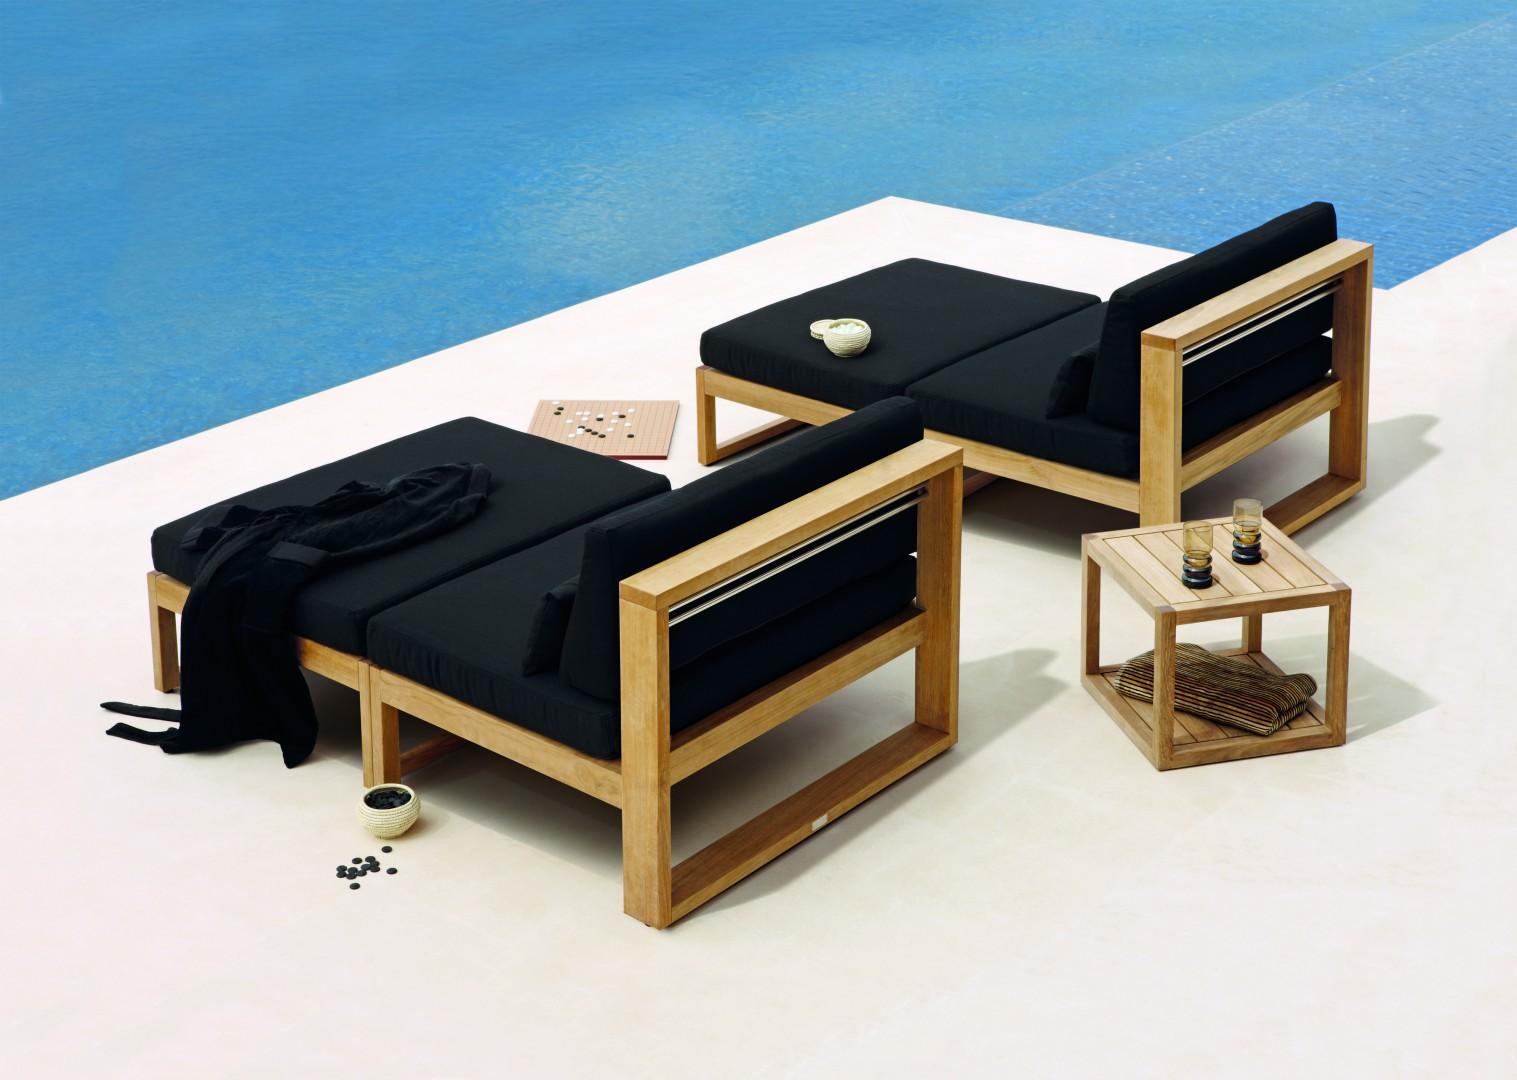 Drewniany, nowoczesny leżak z czarnym materacem prezentuje się bardzo elegancko. Fot. Manutti